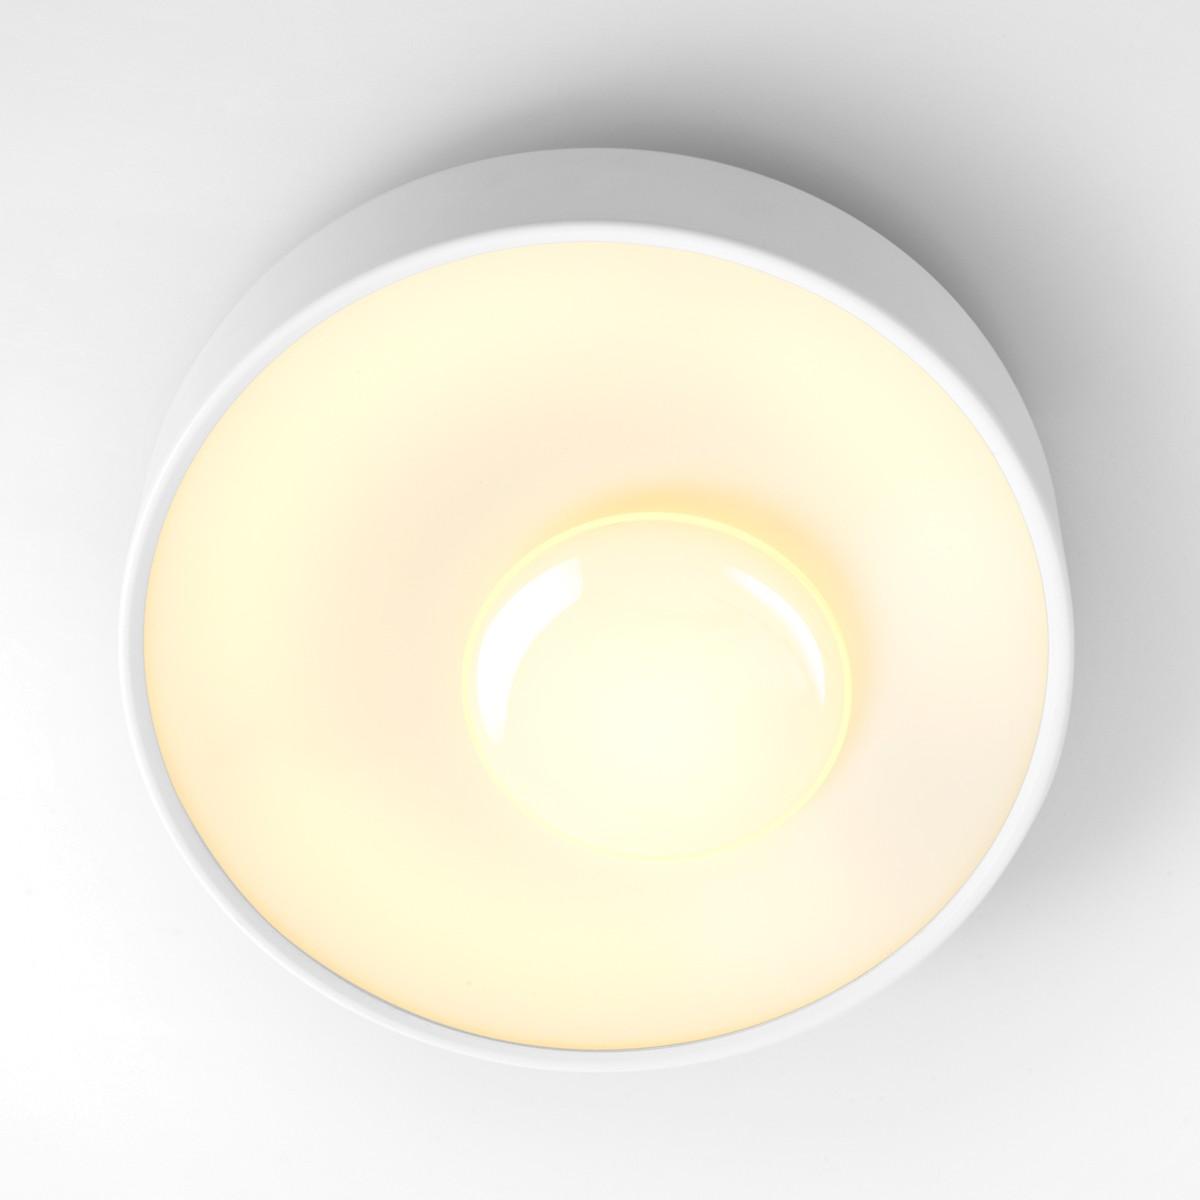 Marset Sun 60 LED Wand- / Deckenleuchte, weiß